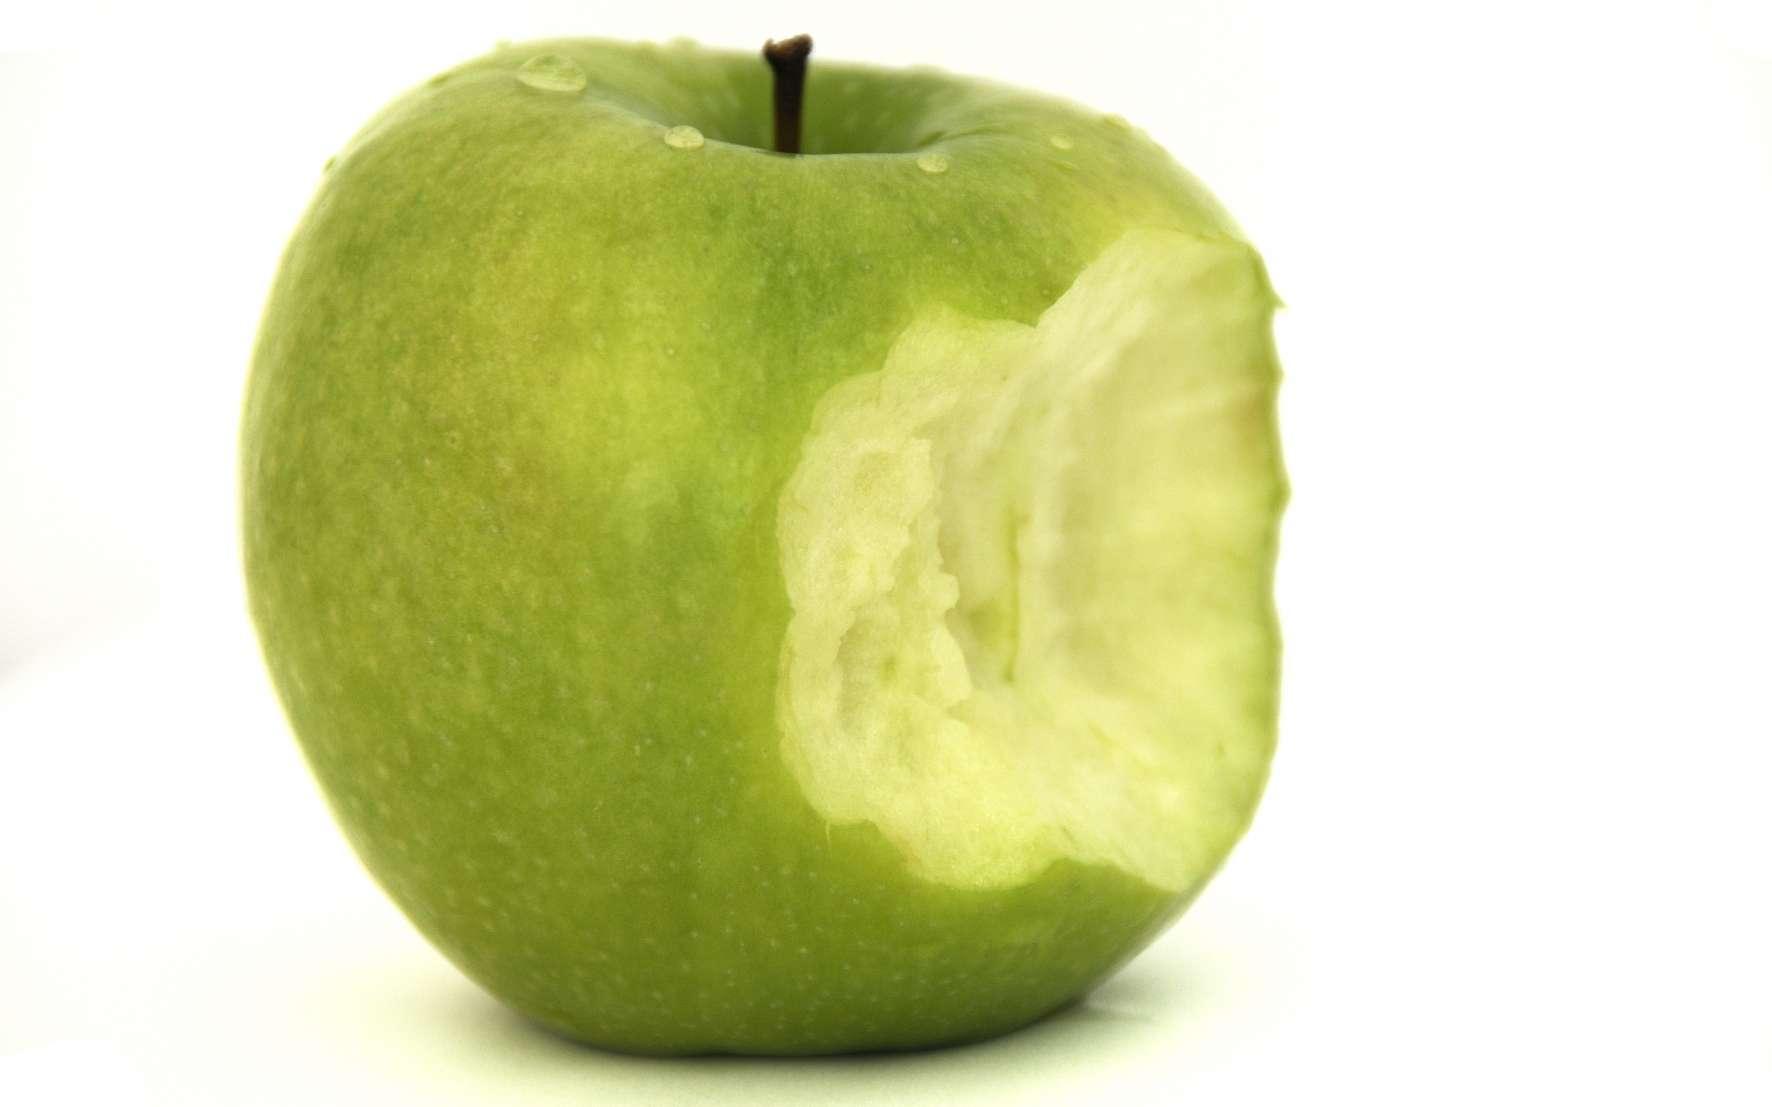 Pomme verte à croquer. © Niffylux -www.niffylux.com